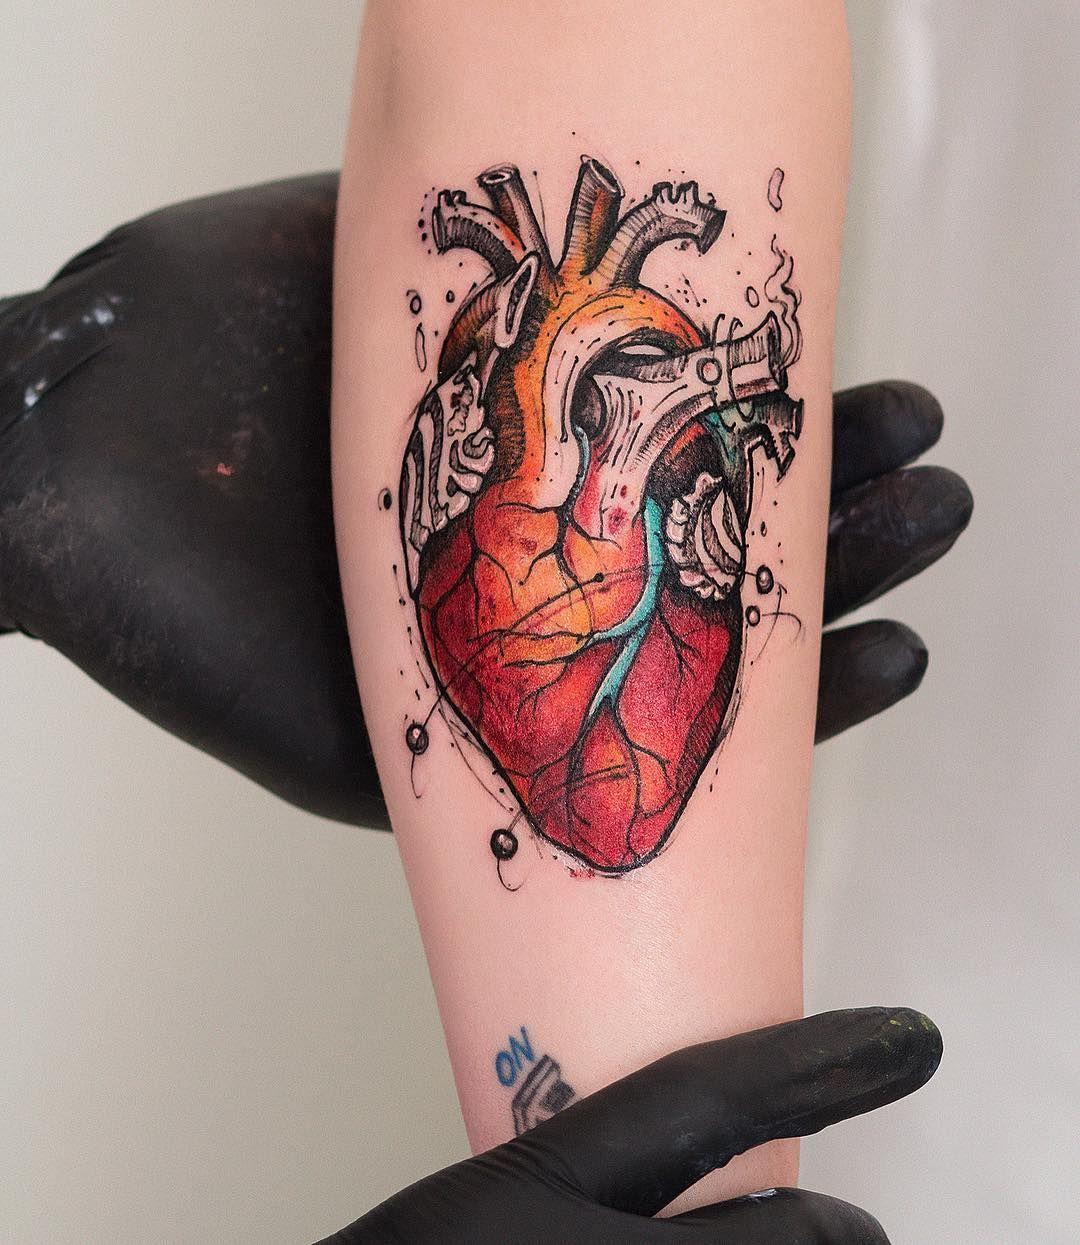 39 Inspiring Anatomical Heart Tattoos Anatomical tattoos